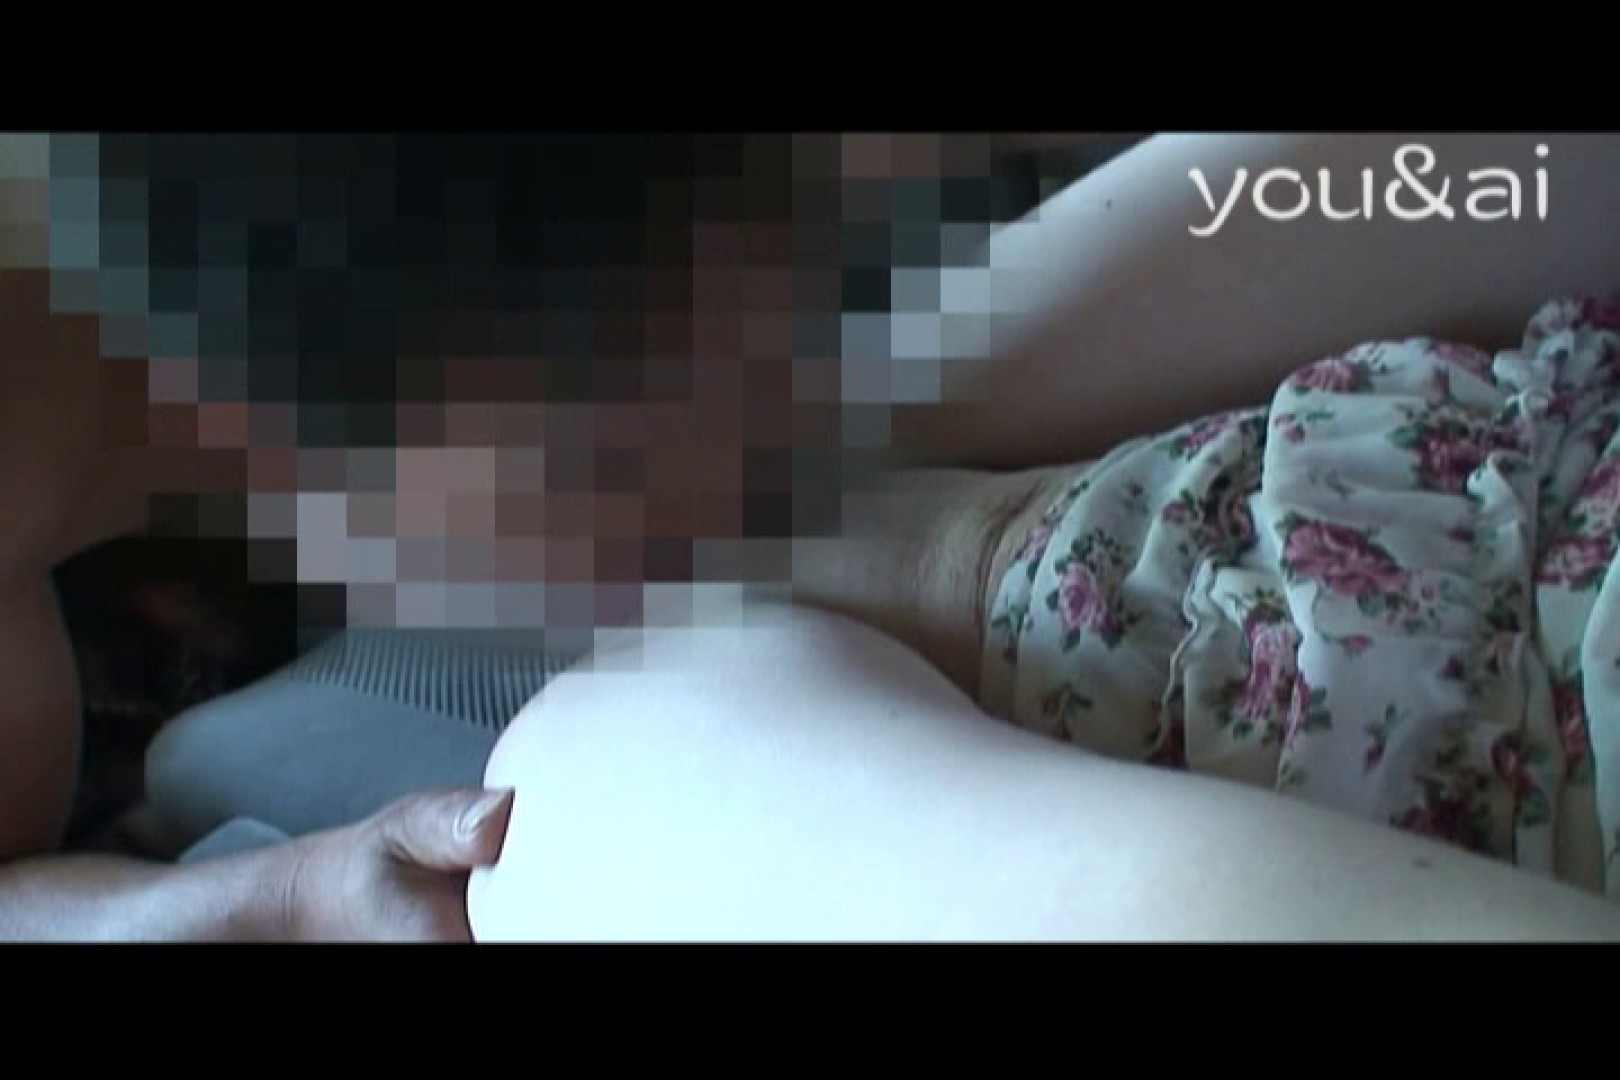 おしどり夫婦のyou&aiさん投稿作品vol.11 接写 AV無料 57pic 11